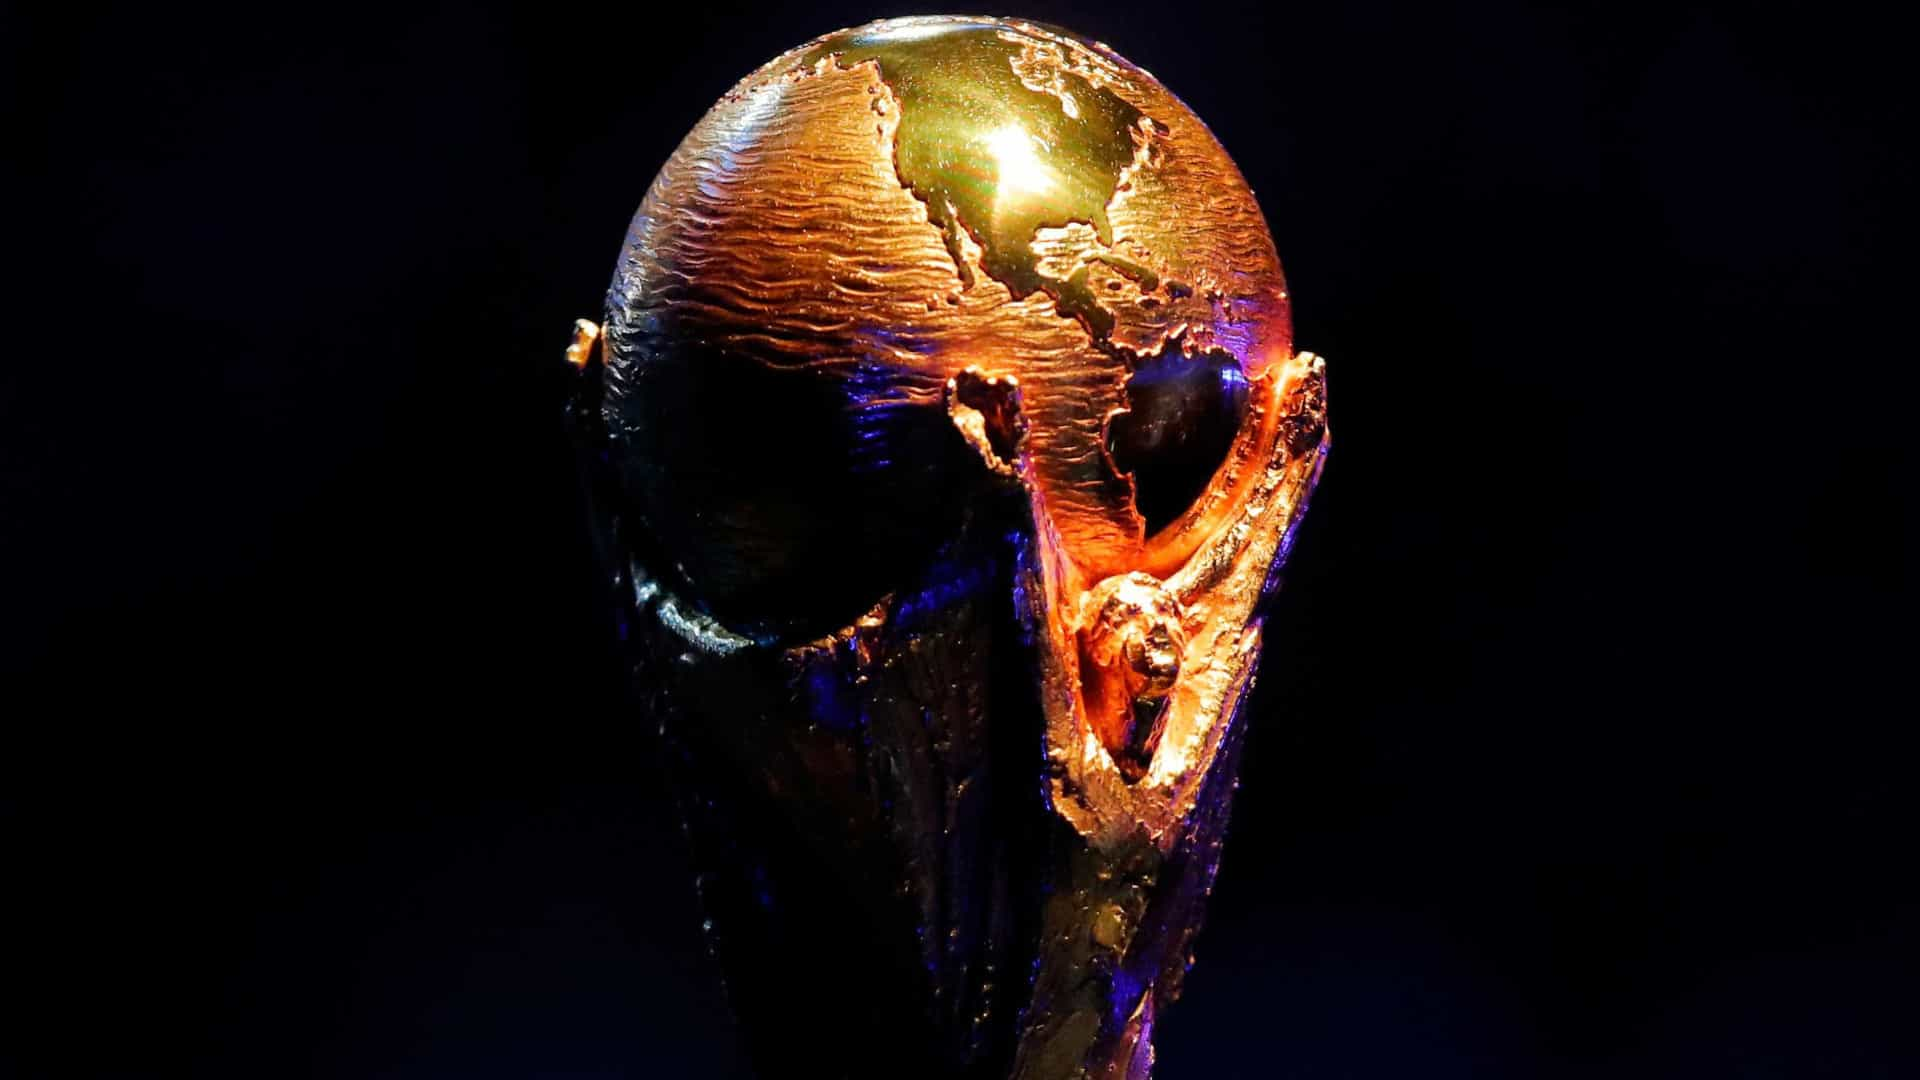 Árbitros da Copa de 2018 farão preparação na Itália